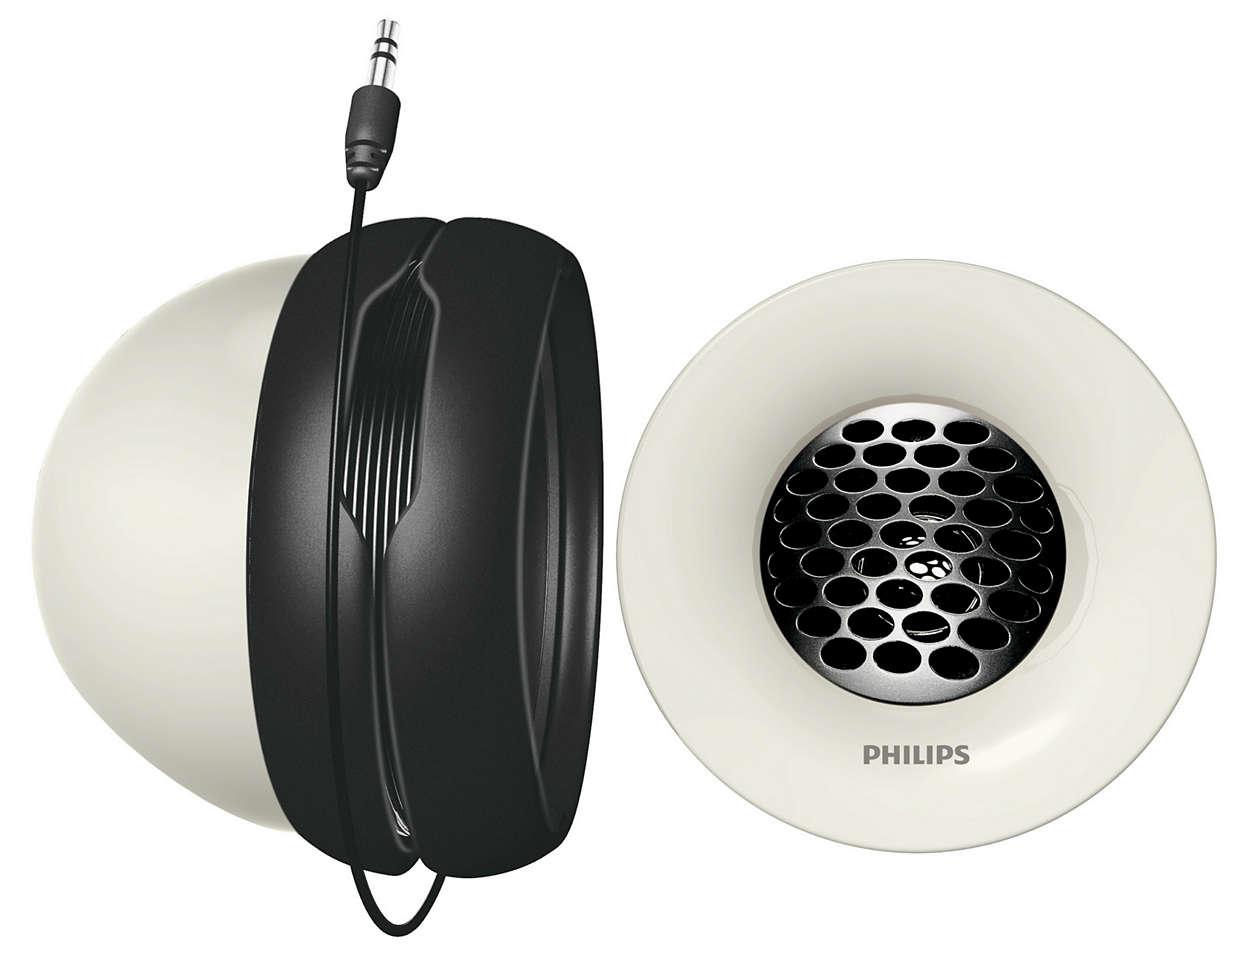 Bærbart høyttalersystem SBA150000 | Philips